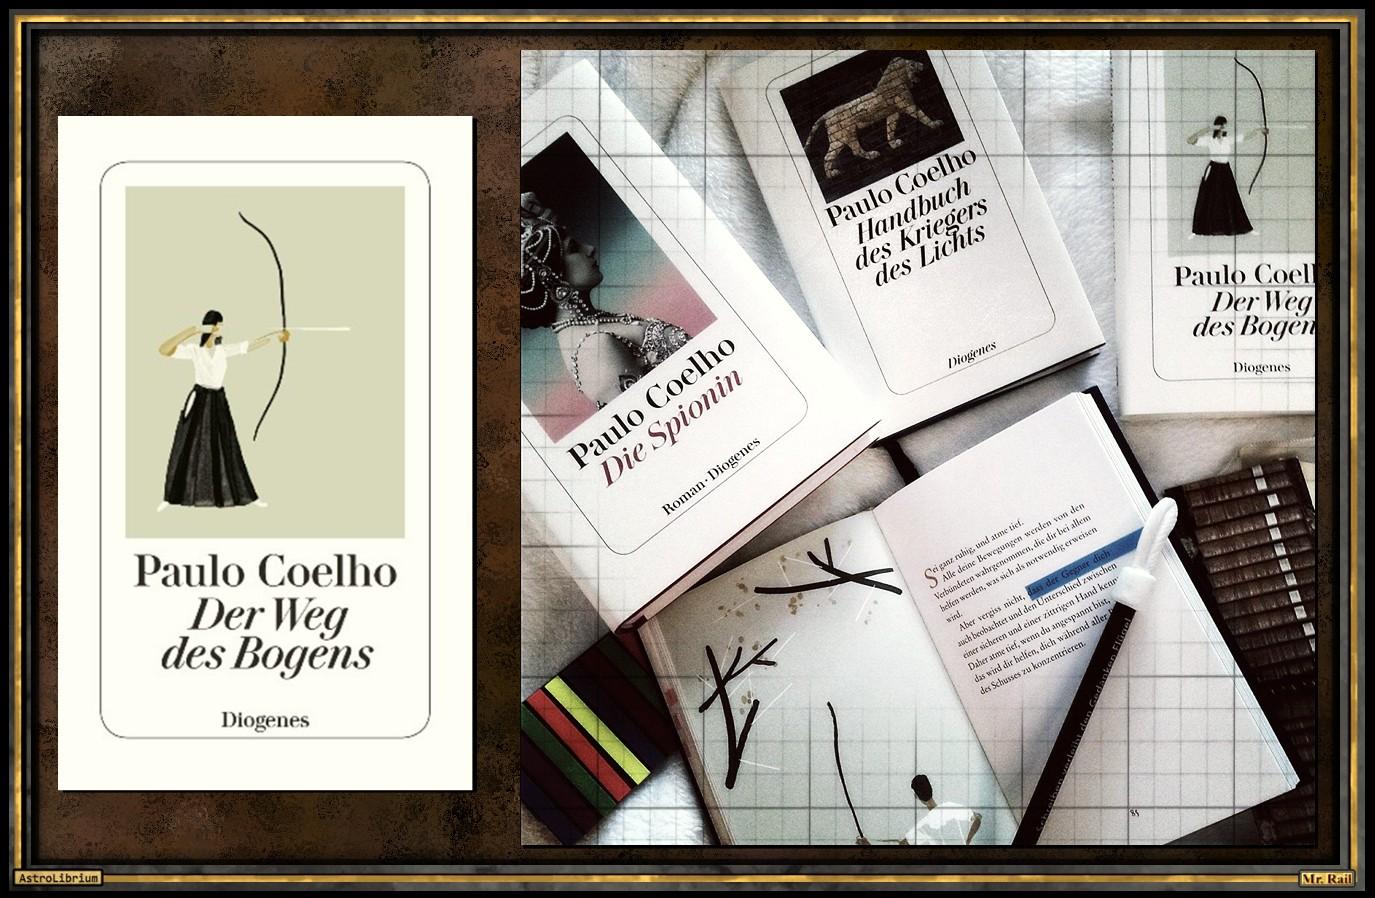 Kriegers handbuch coelho paulo lichts des zitate des Was ist